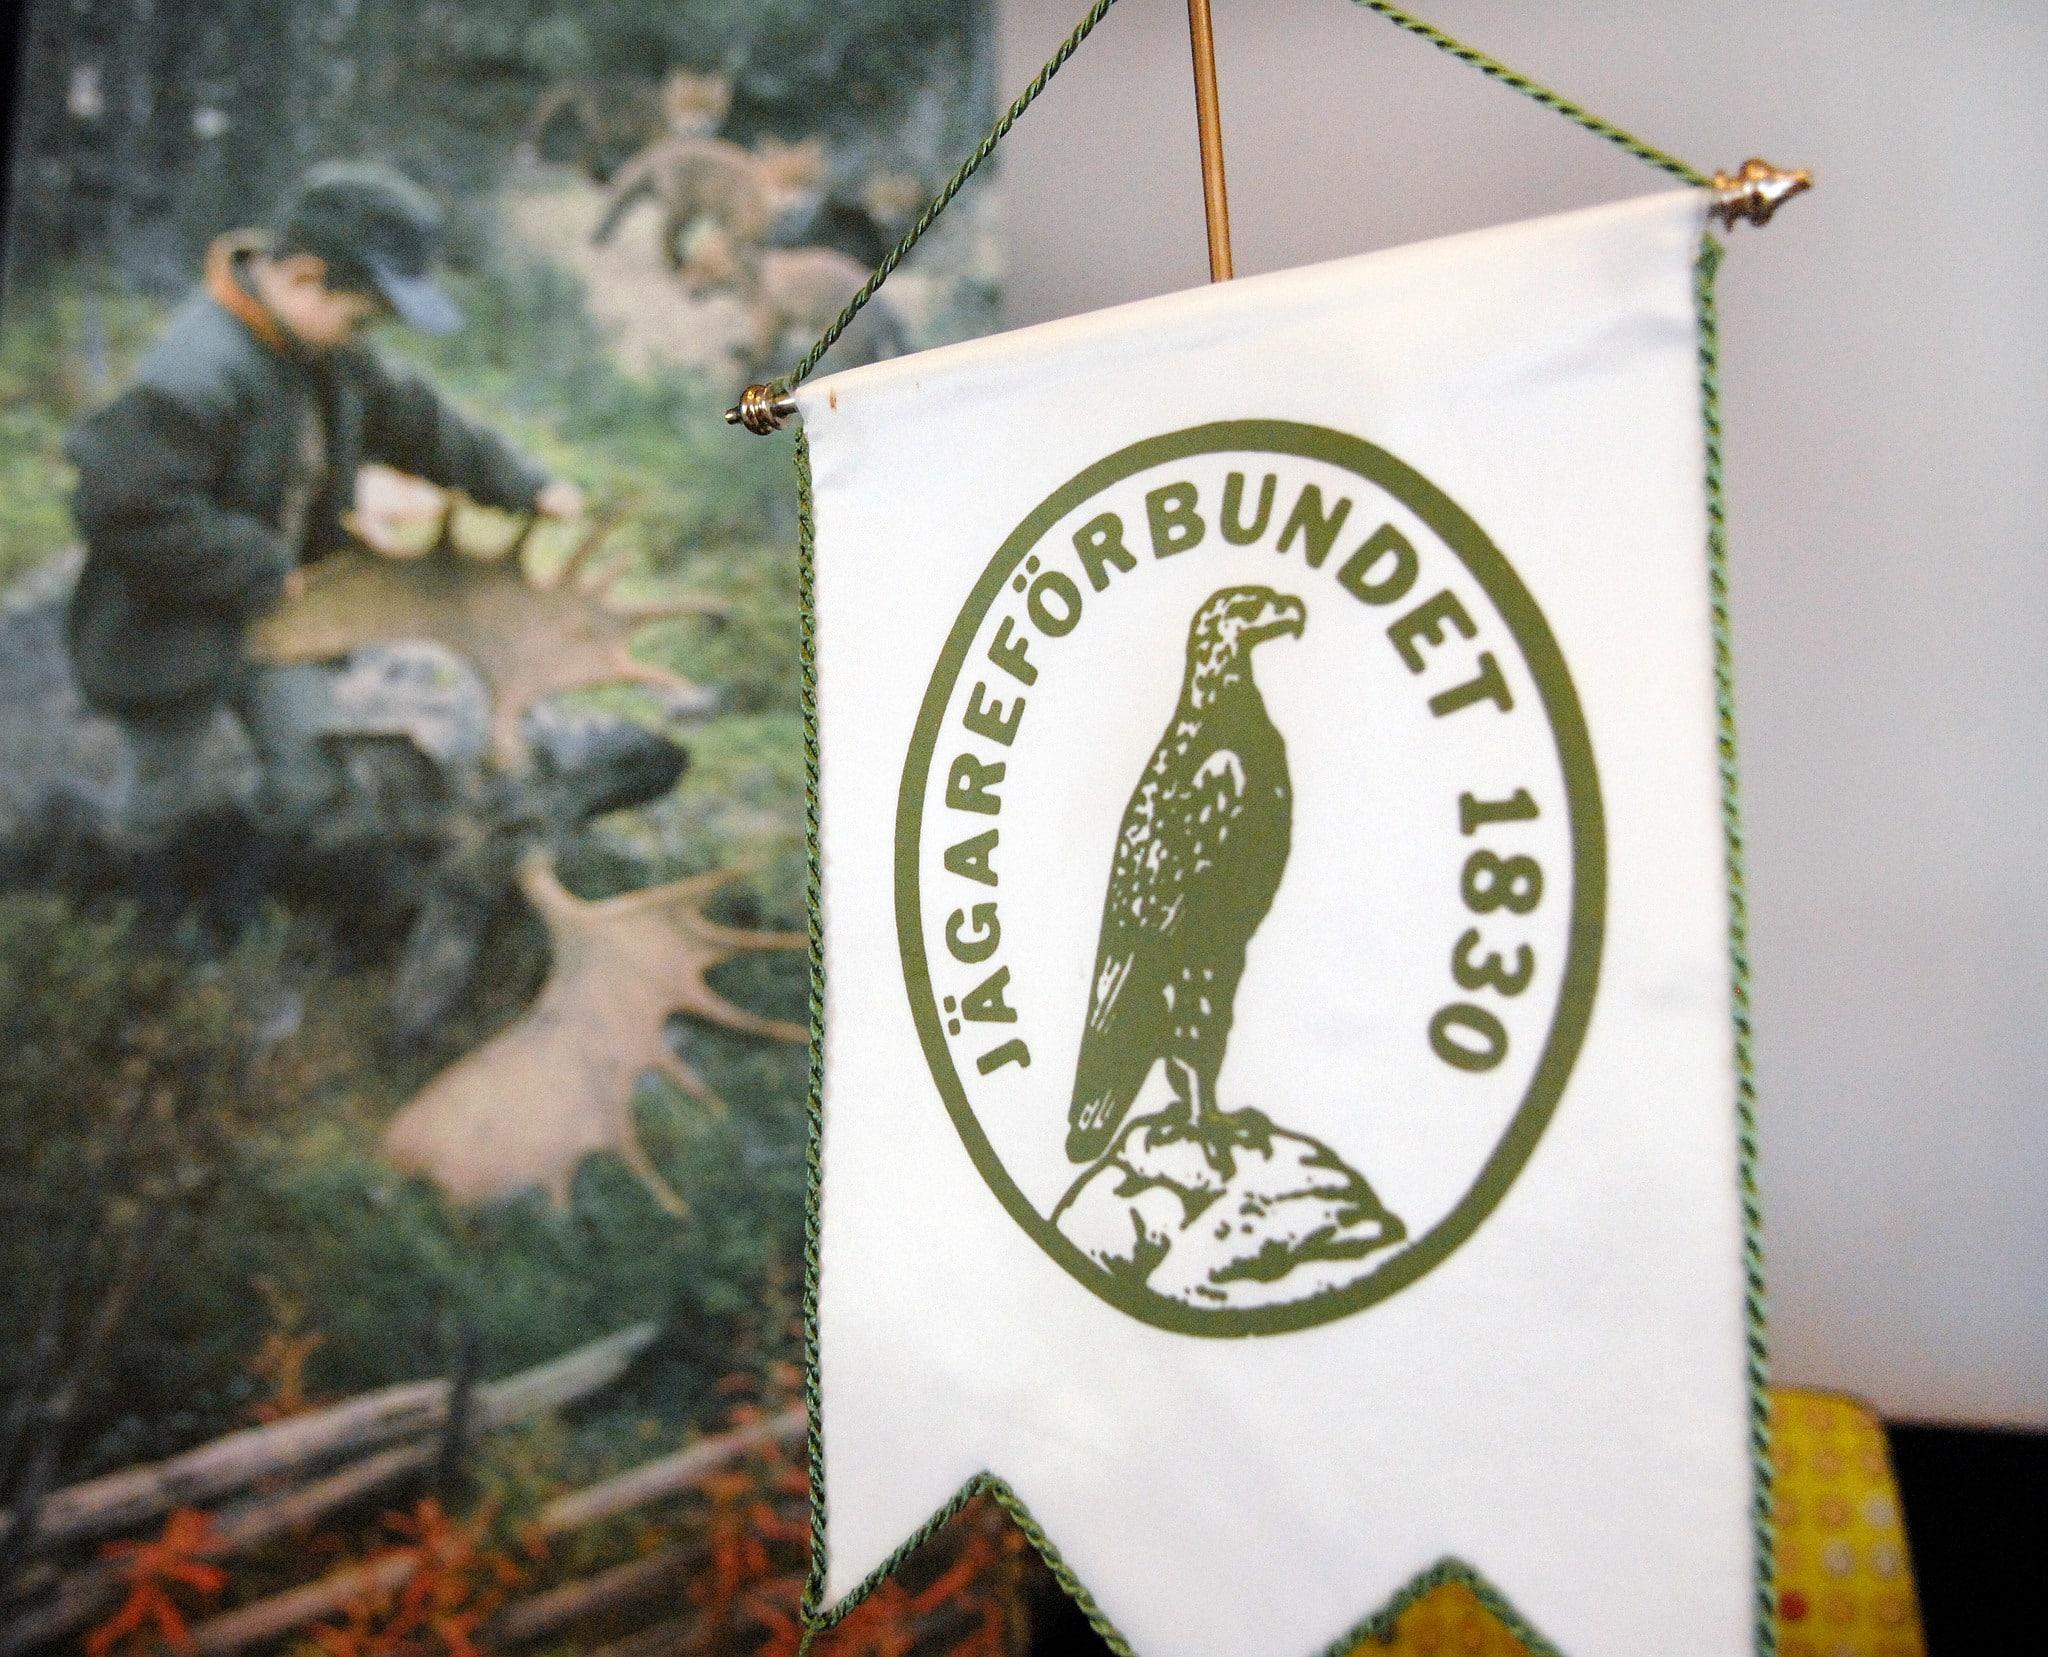 Genom att slå ihop de båda jägareförbunden menar debattören att man får större möjlighet att påverka. Foto: Lars-Henrik Andersson